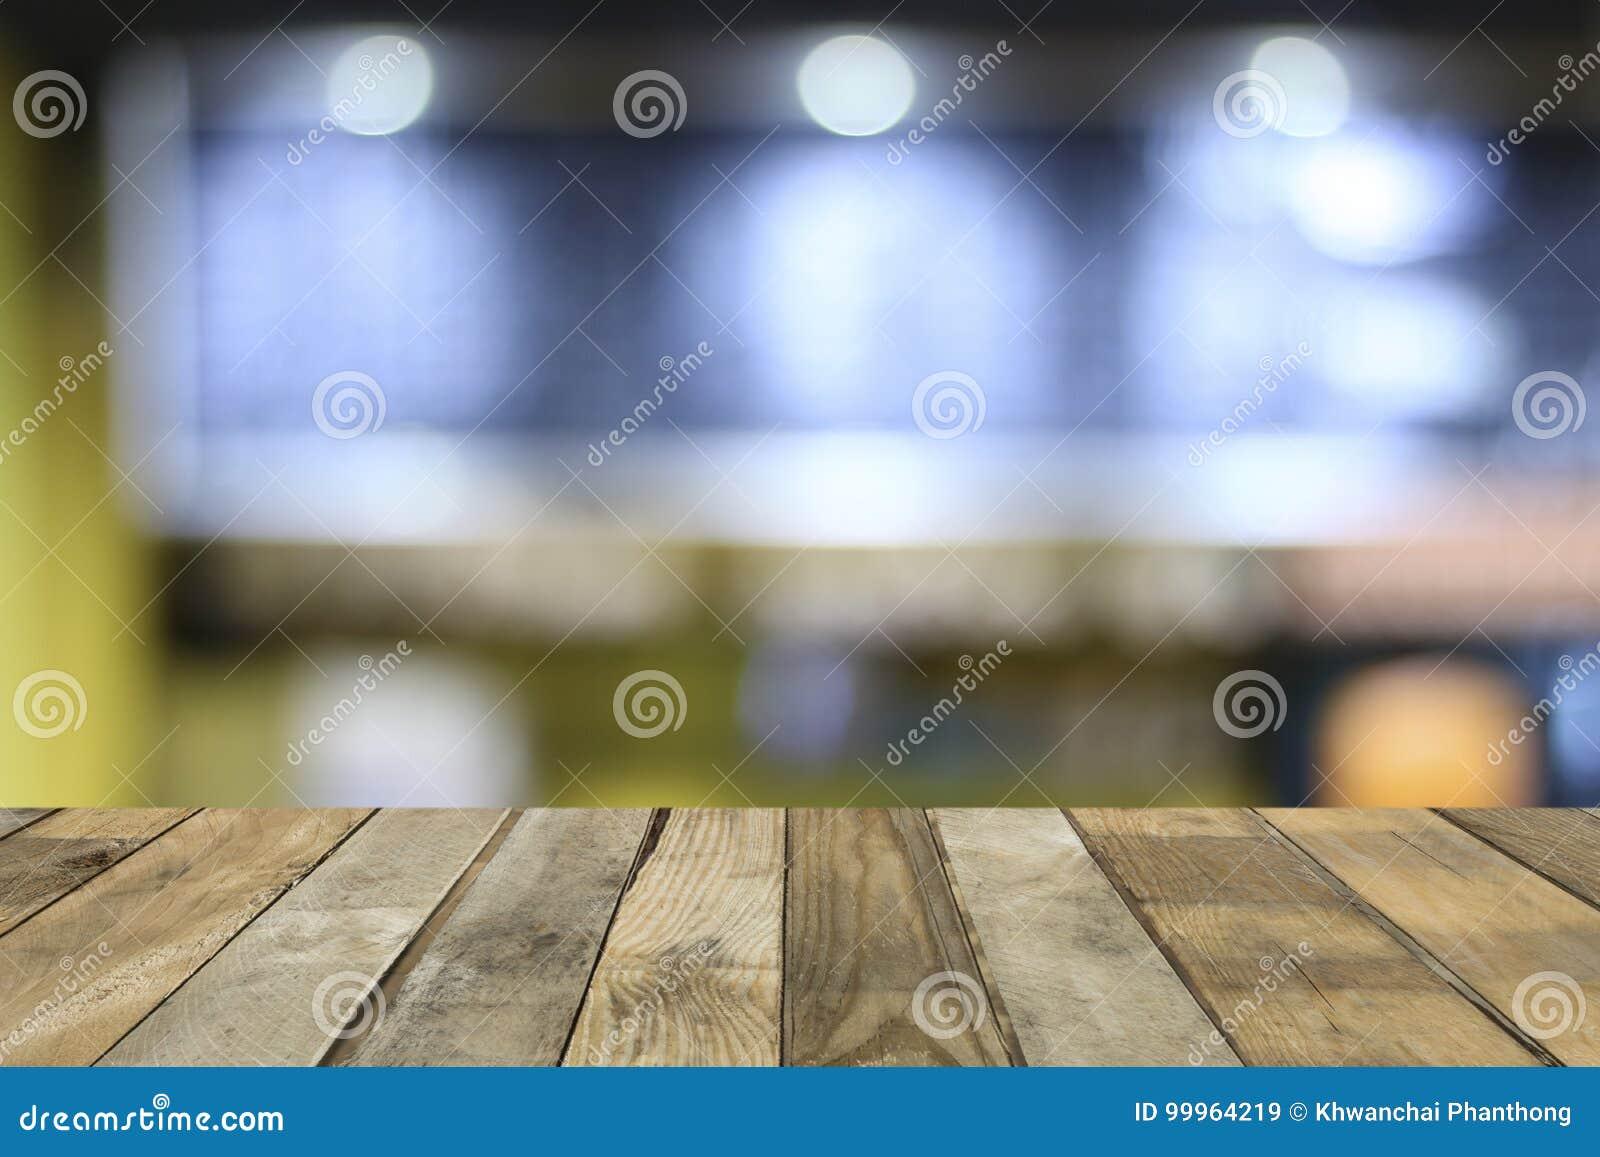 倒空礼物的木桌地板并且显示产品在咖啡店,并且夜总会背景,复制投入的对象空间